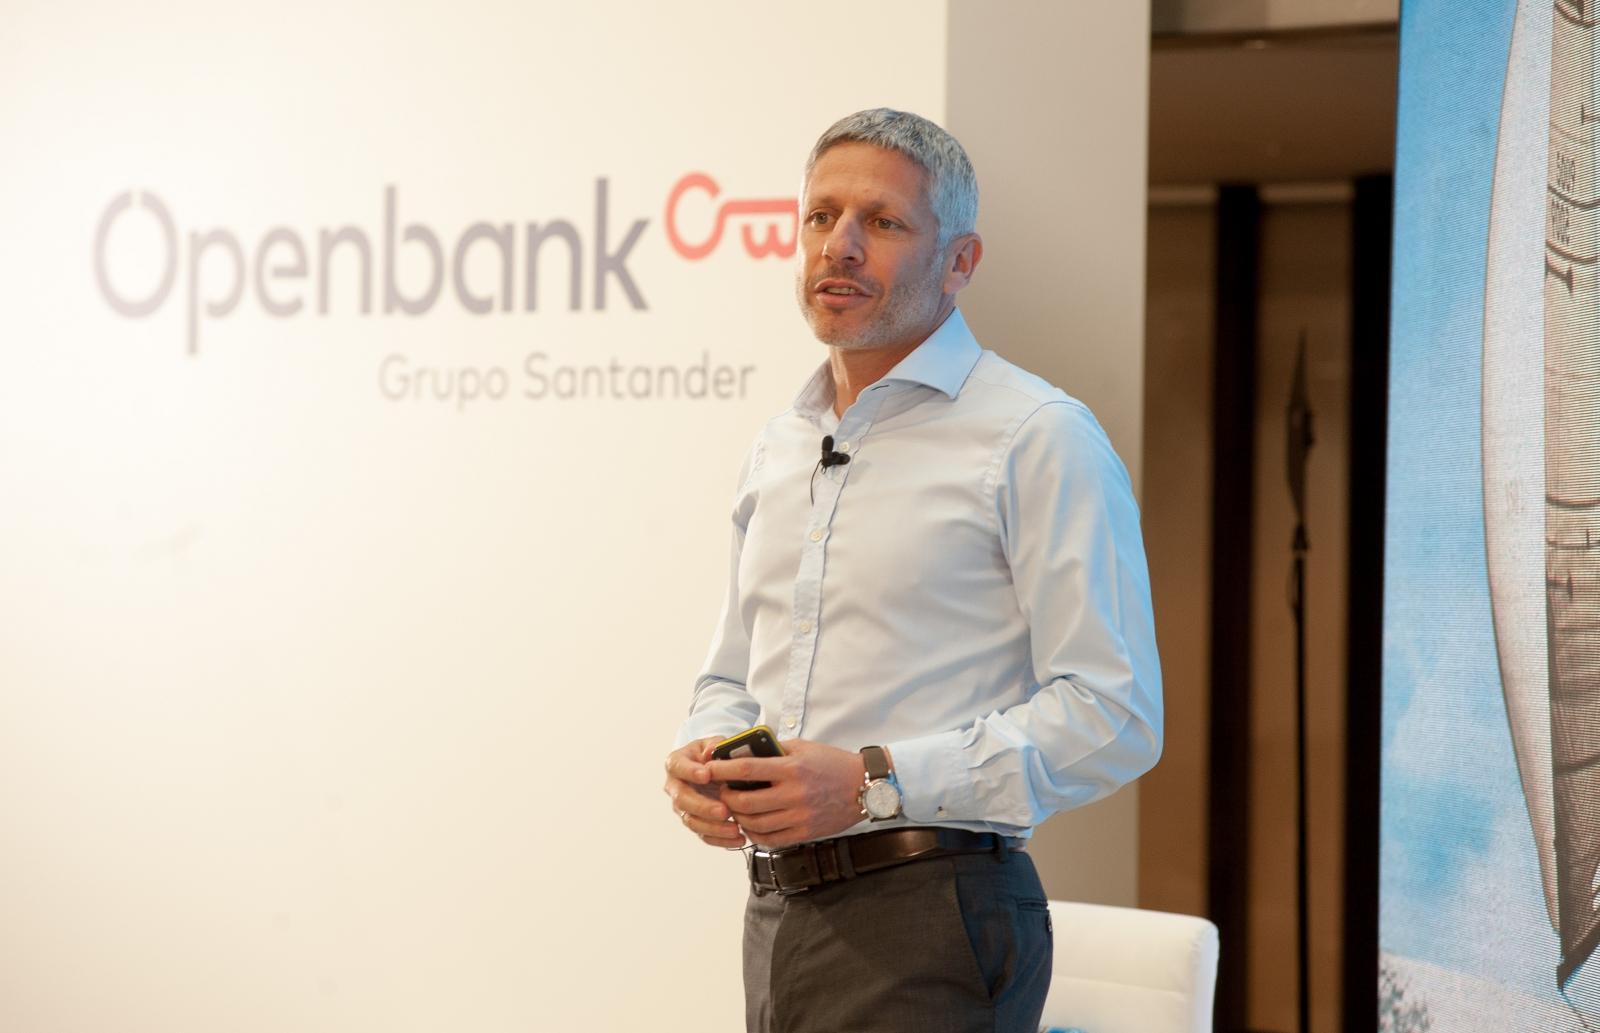 Ezequiel Szafir Openbank